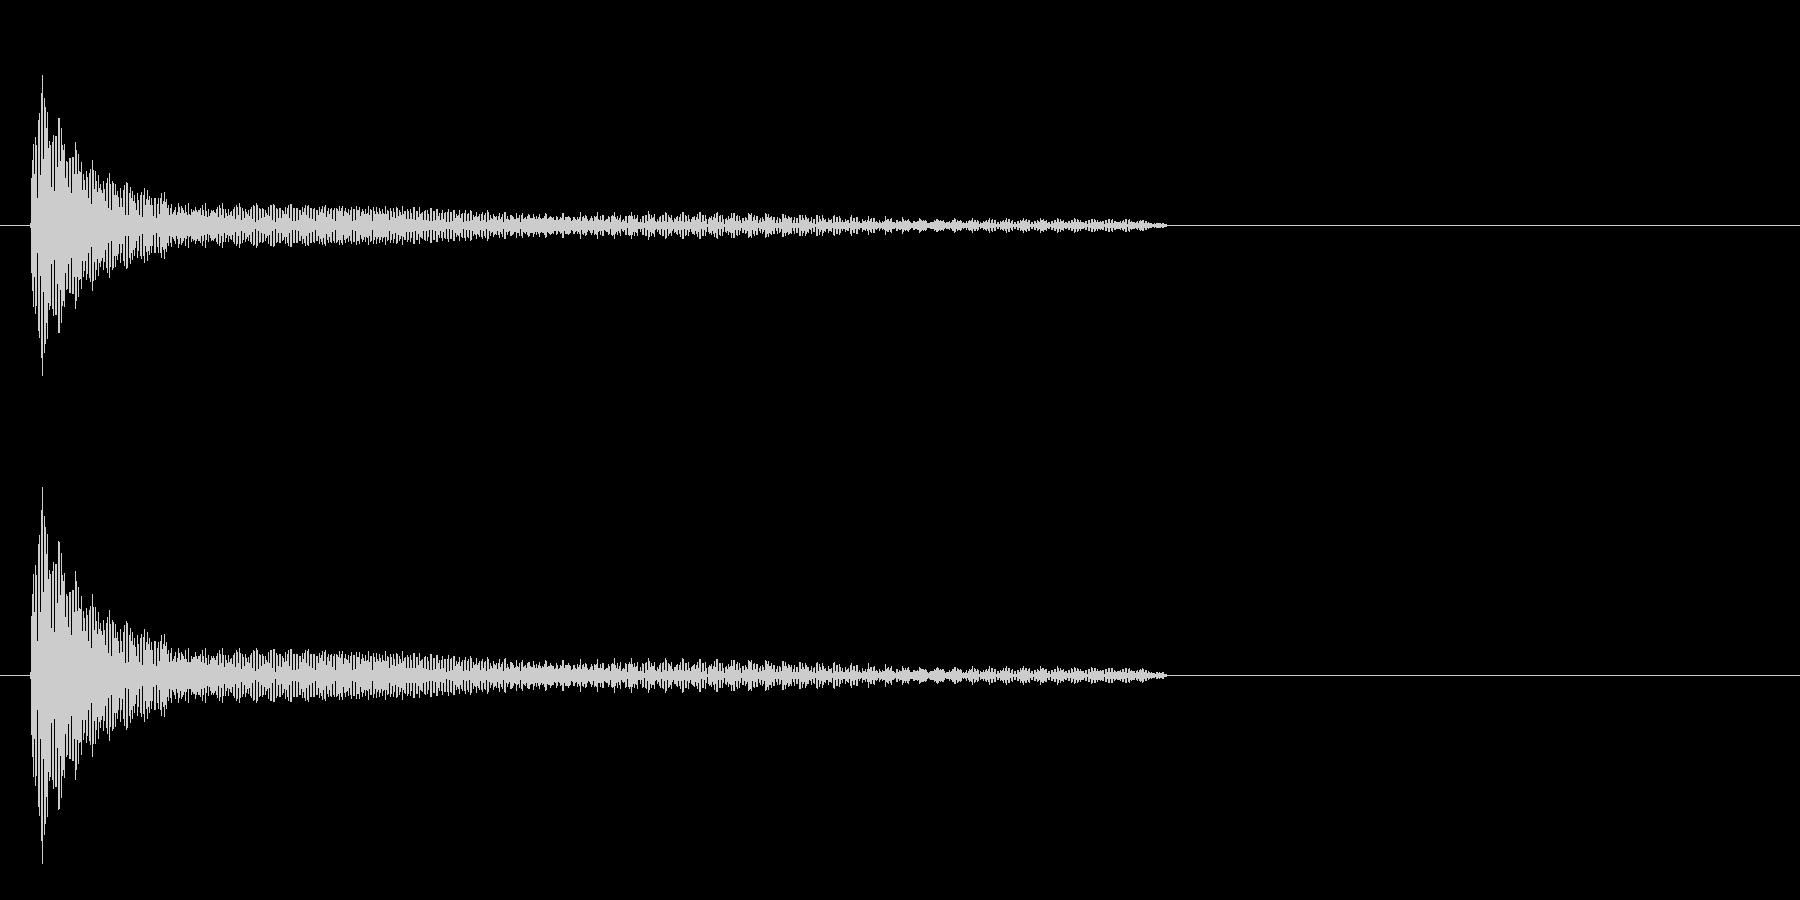 機械系の音の未再生の波形